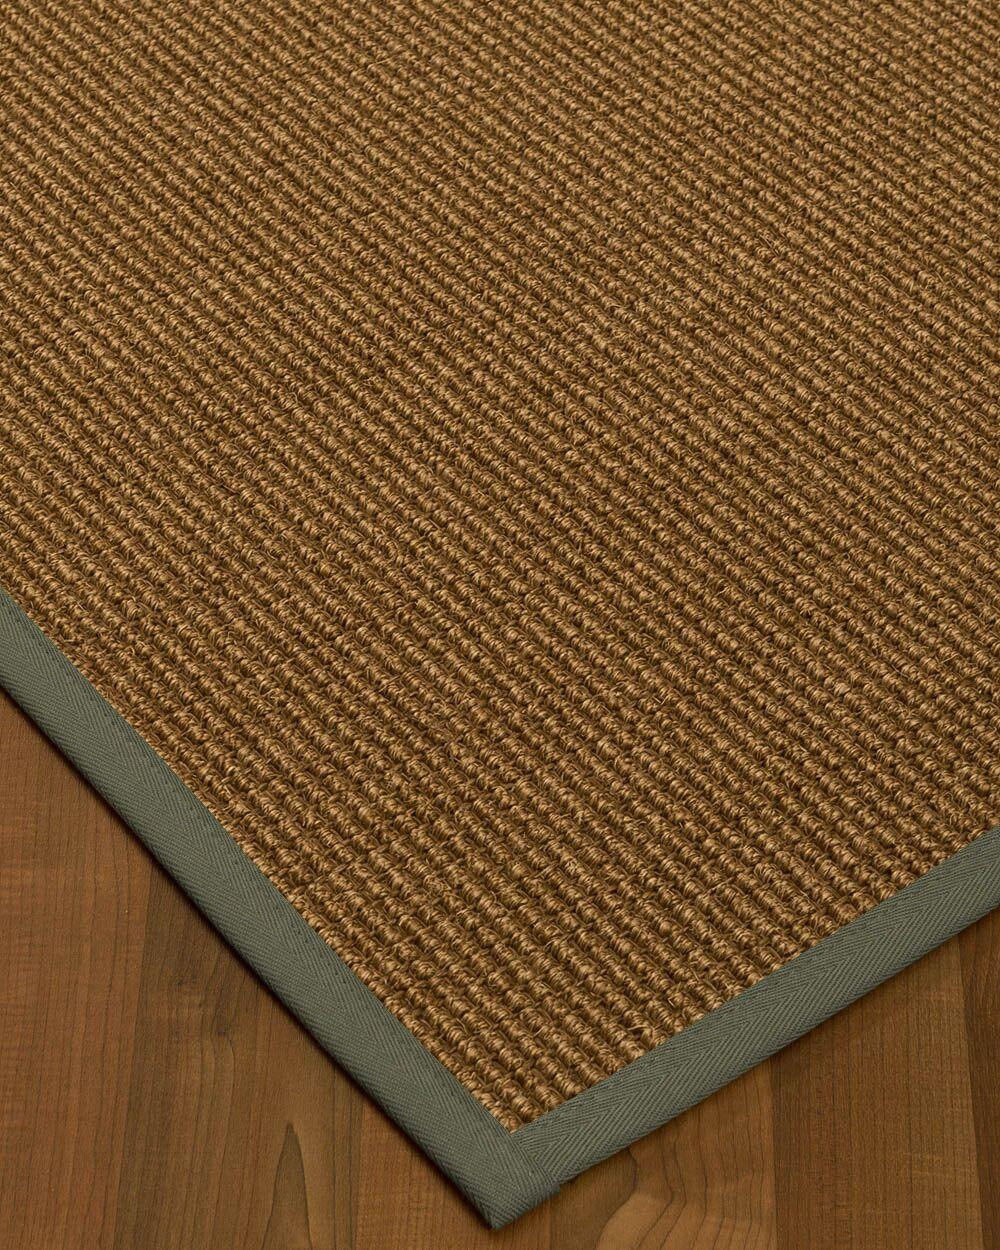 Kimbolton Hand-Woven Brown Area Rug Rug Size: Rectangle 3' x 5'